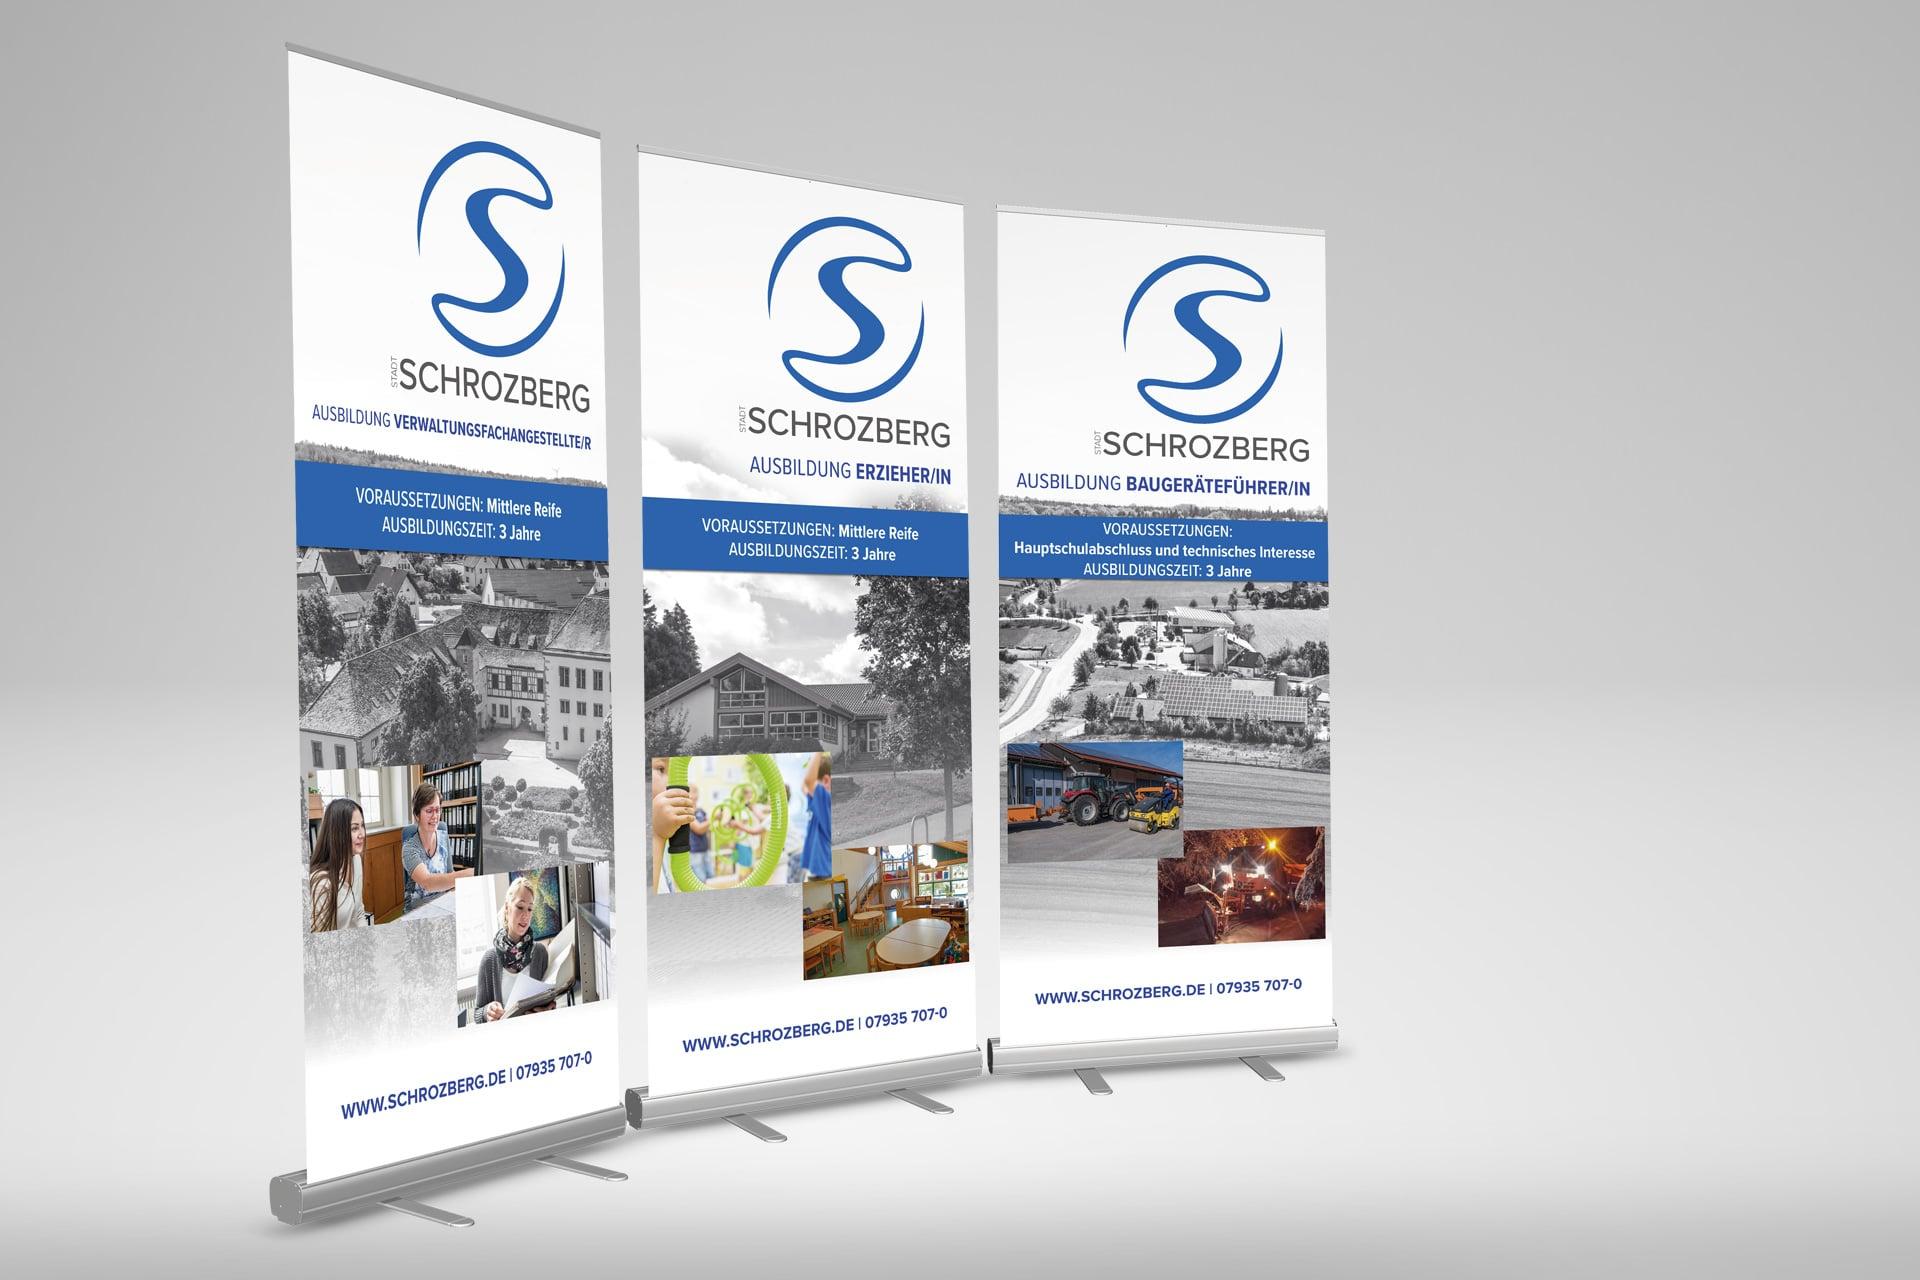 Ausbildungs-Rollup für die Stadt Schrozberg